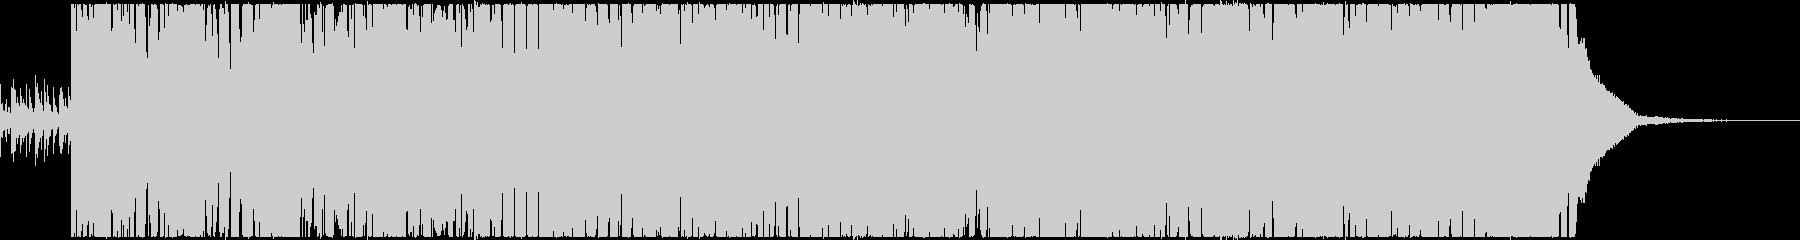 1分BGM 激しめ 琴の和風ロックの未再生の波形